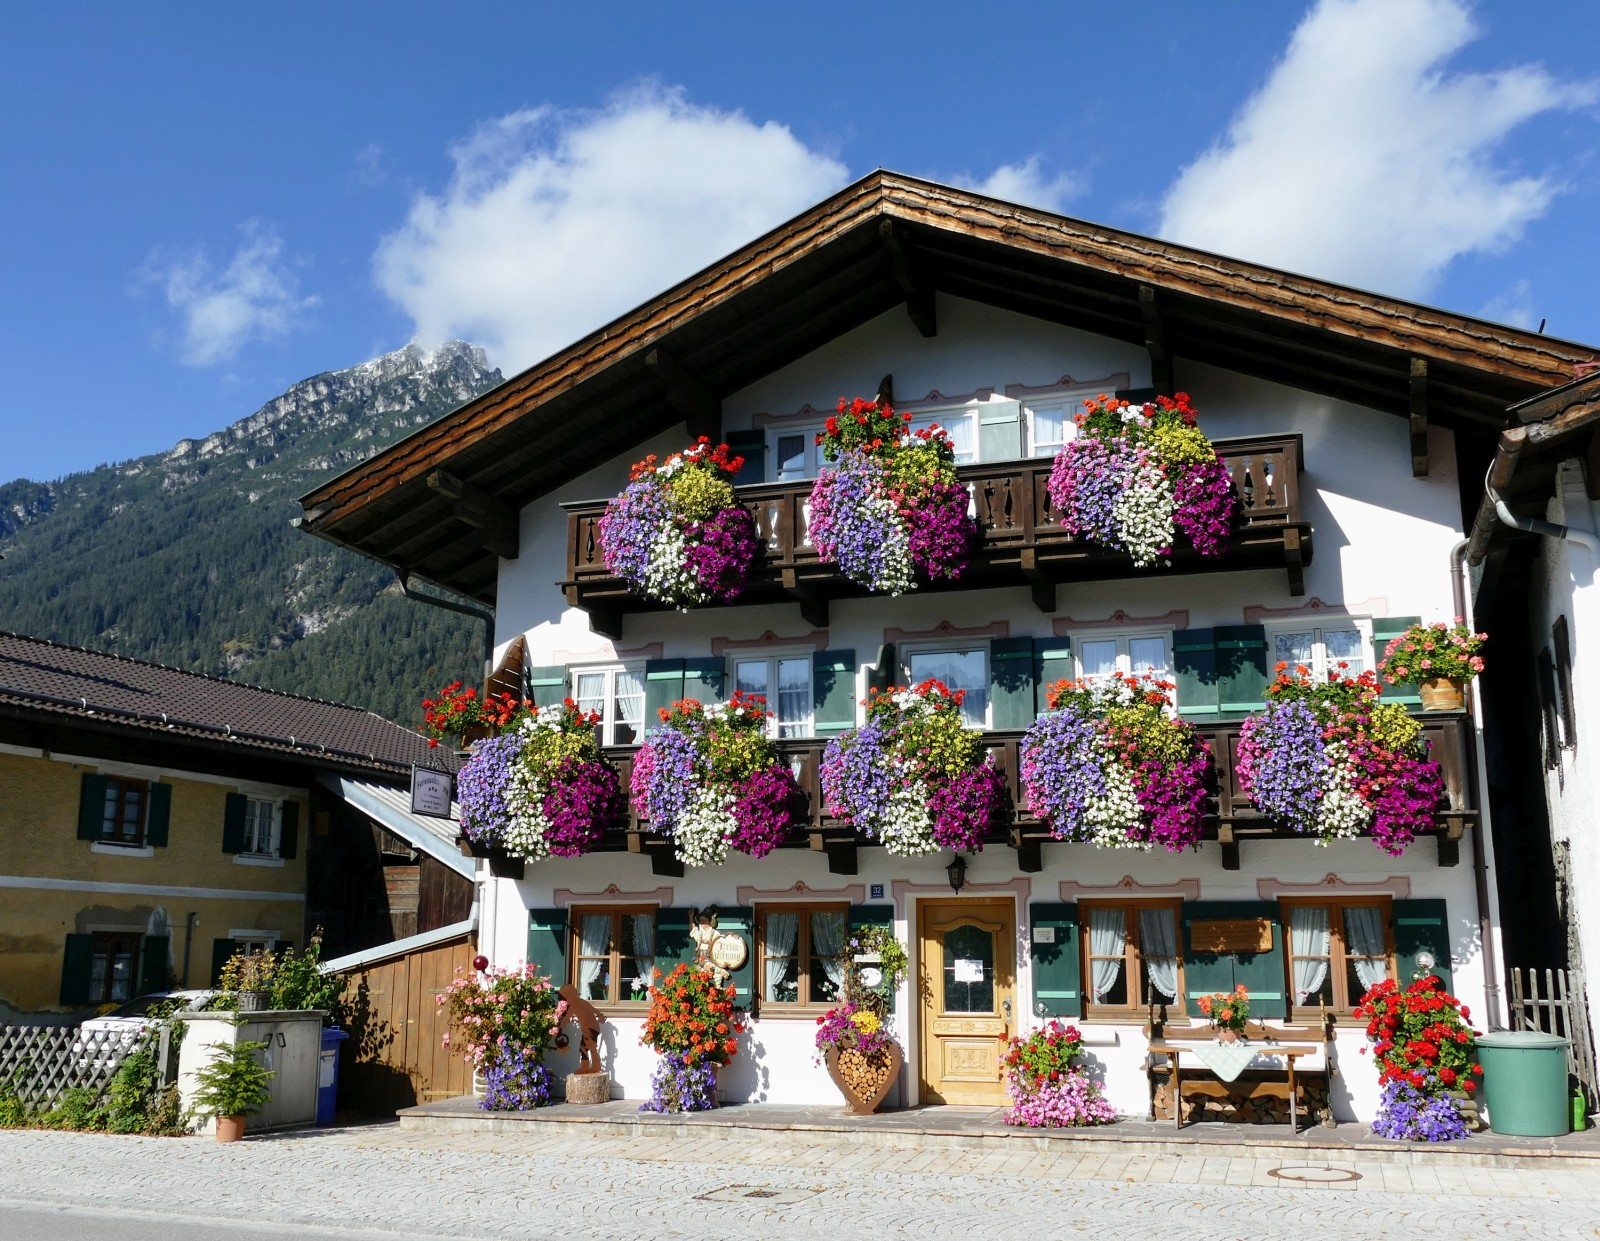 Loisachstraße in Garmisch